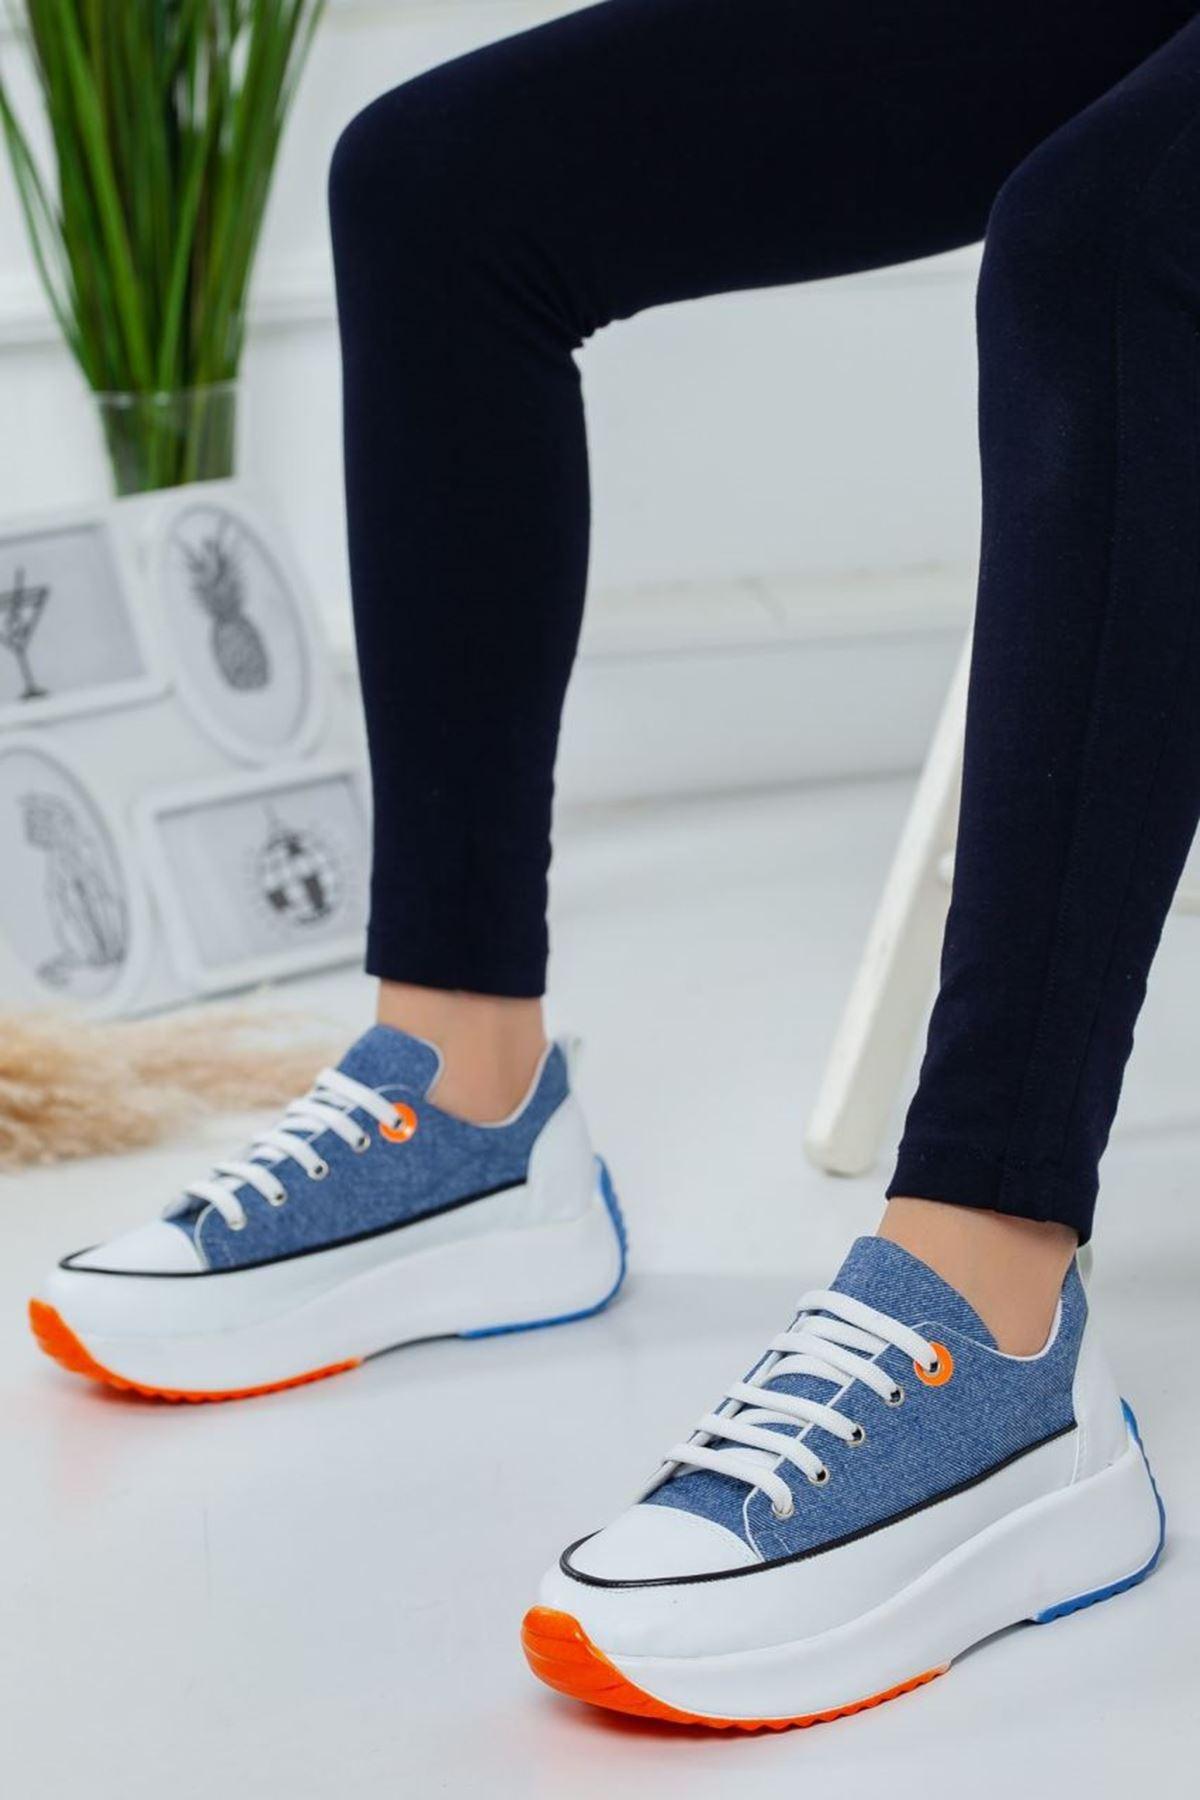 Kadın Casper Kalın Taban Spor Ayakkabı Beyaz Lacivert Kot